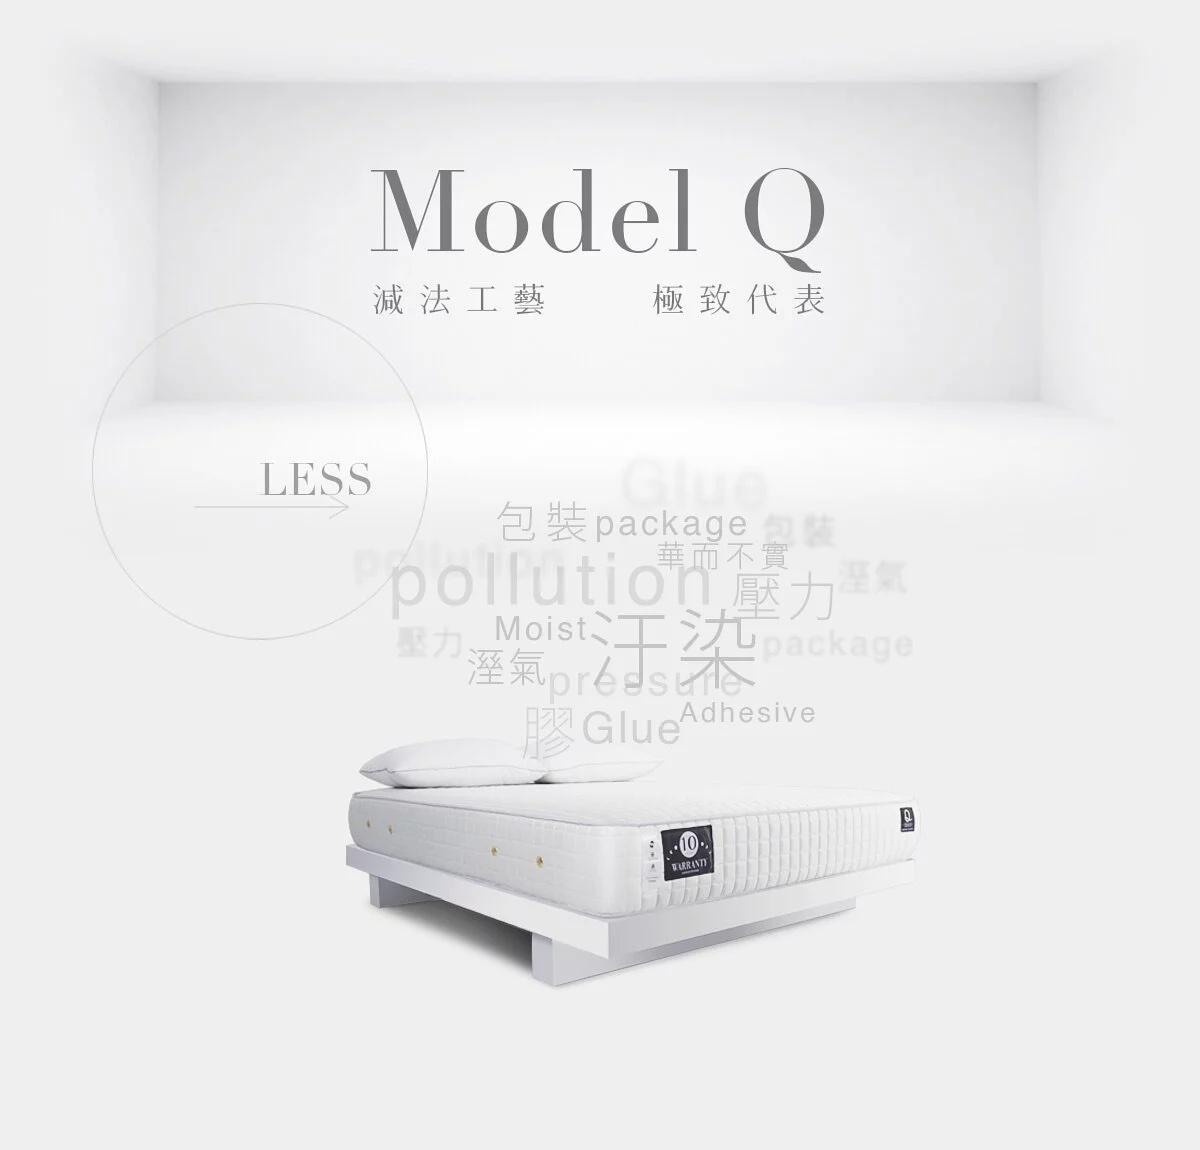 寶麒麗泰Perquiss Model Q (雙人)